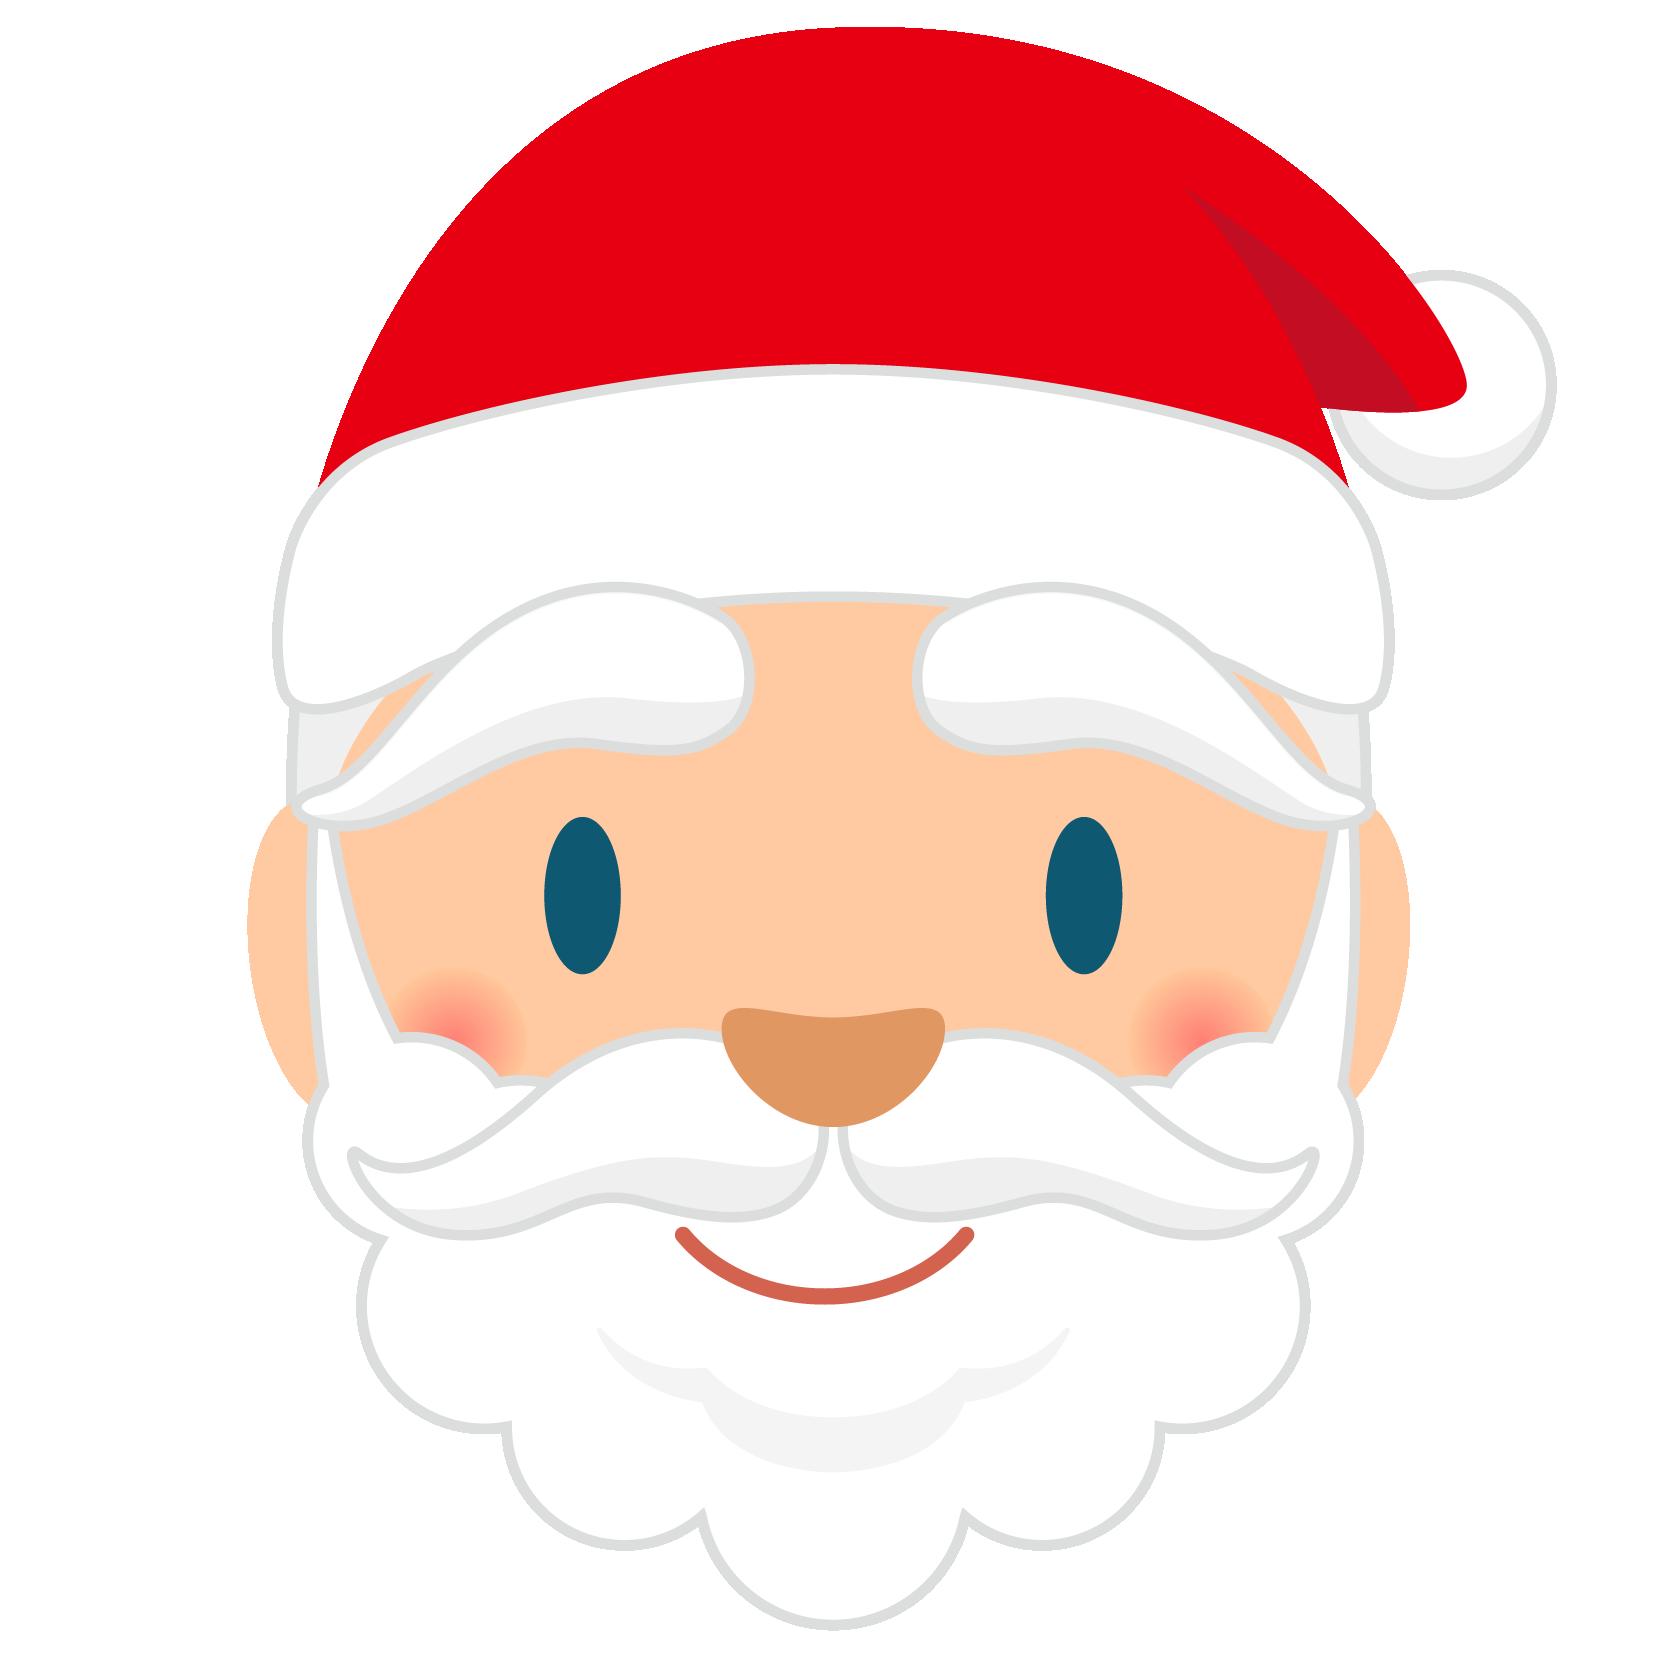 商用フリー・無料イラスト_クリスマス_サンタクロース_顔